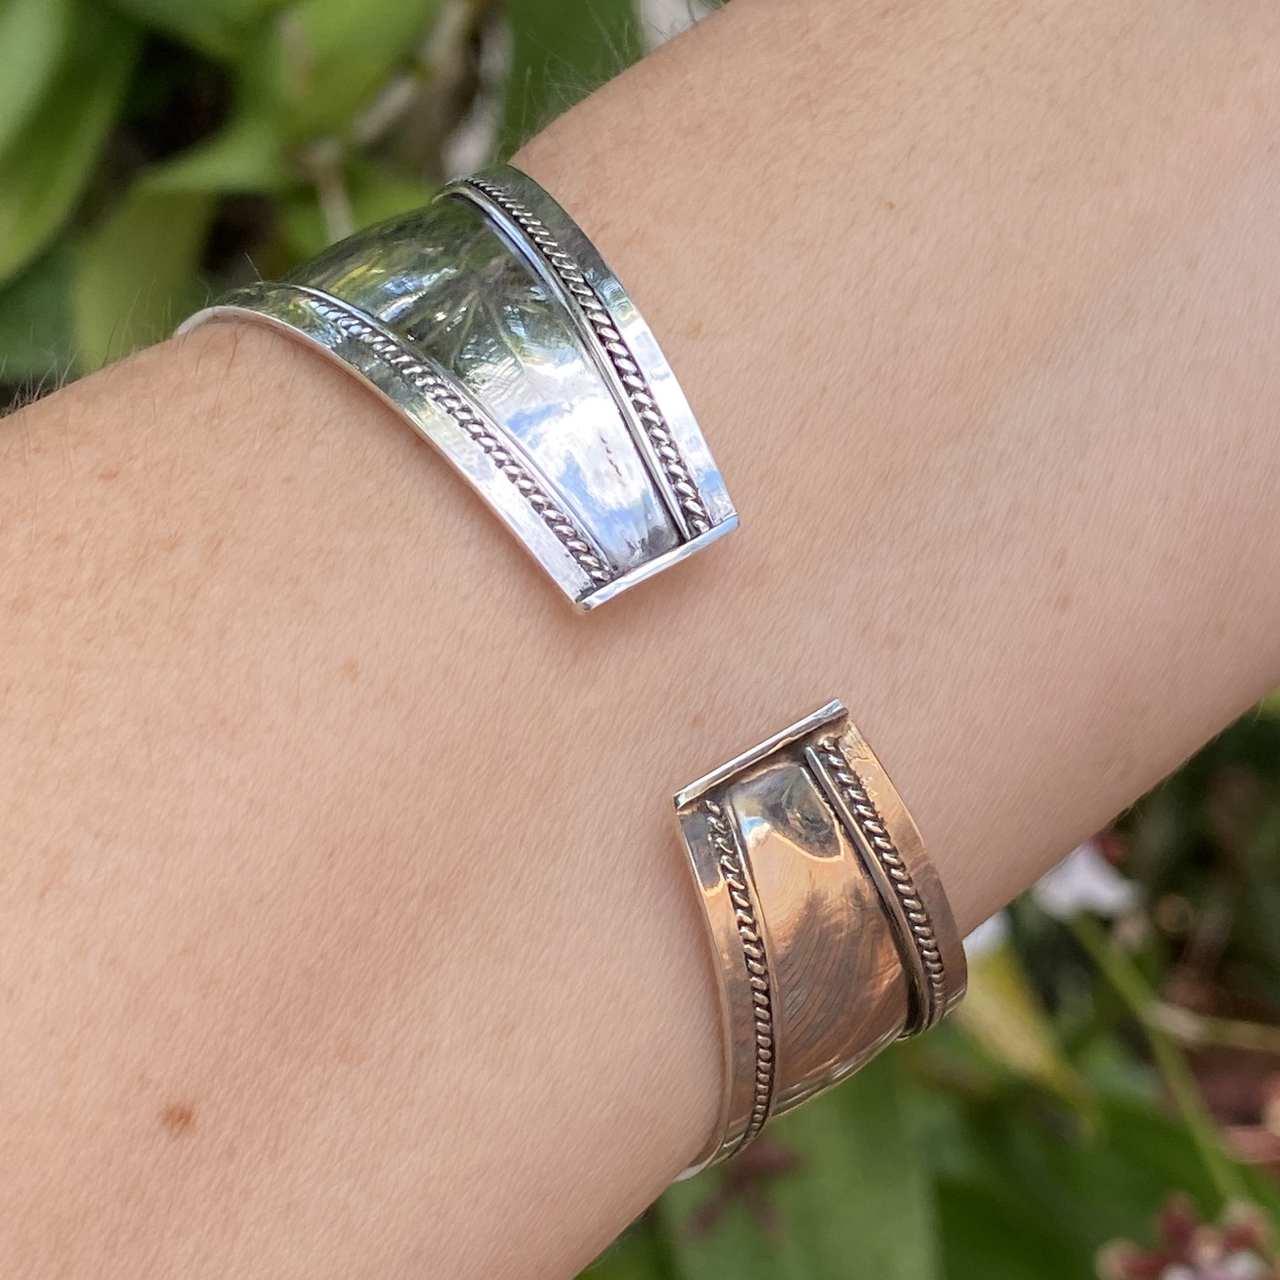 Bracelete de Prata 925 Indiano Larg Borda Central Trabalhado